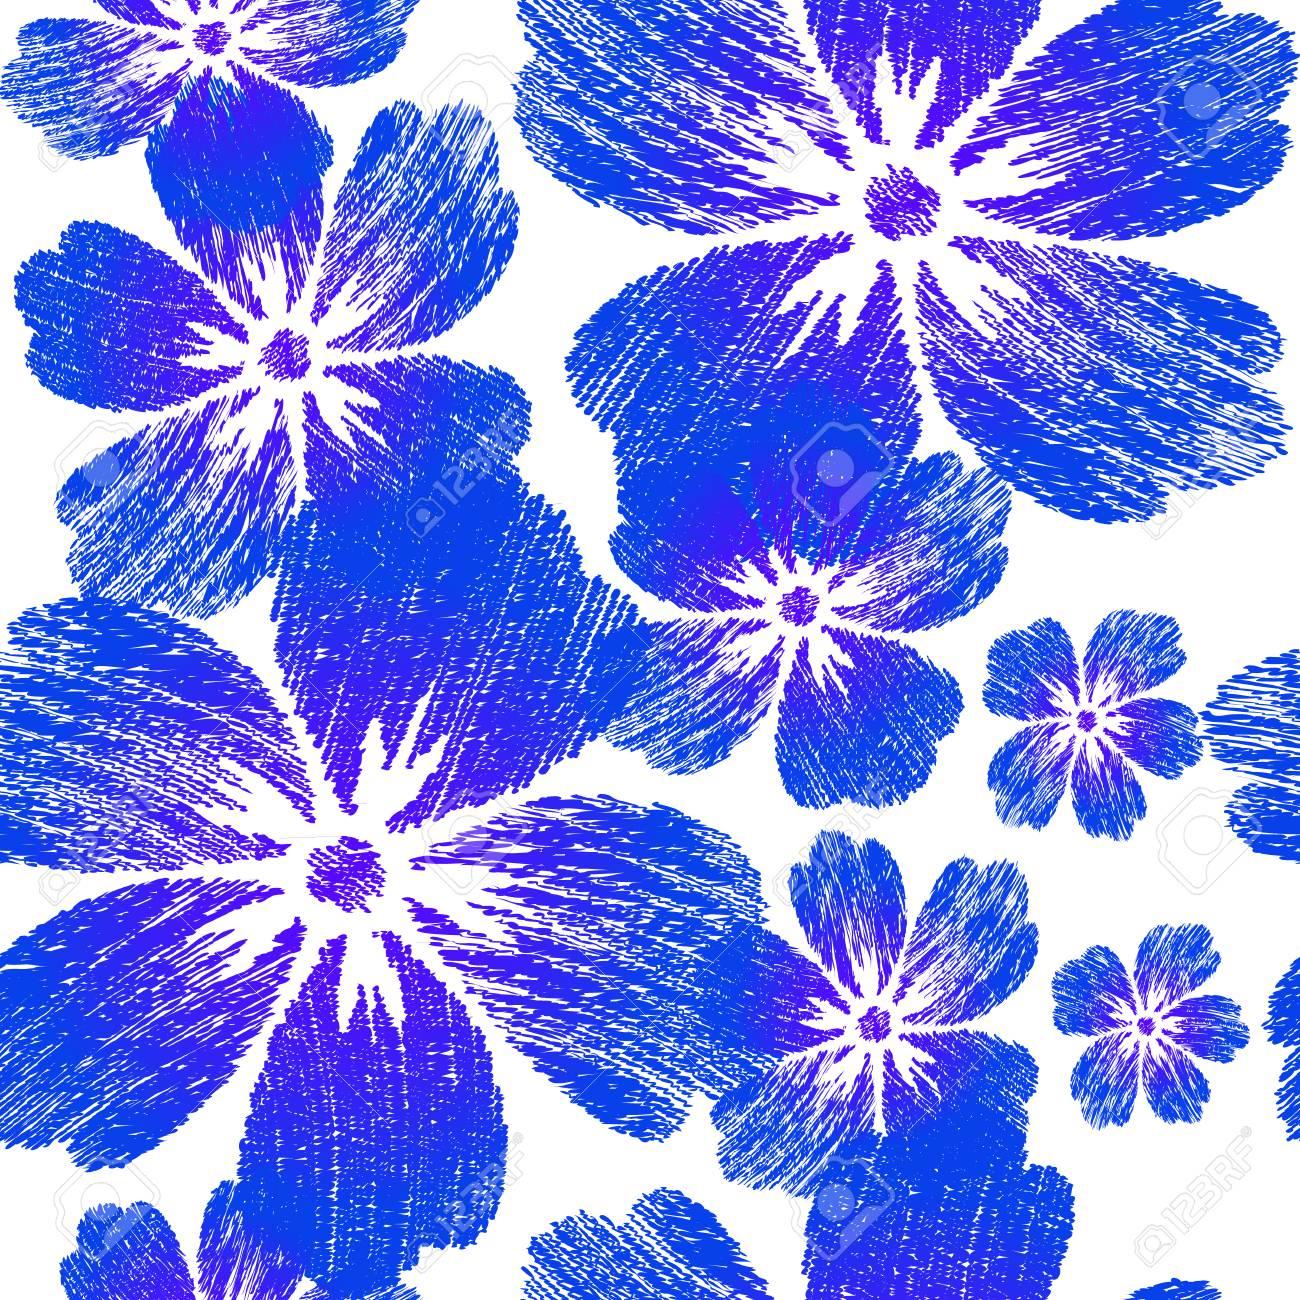 Flores Azules Bordadas En El Patron Sin Fisuras De Fondo Blanco